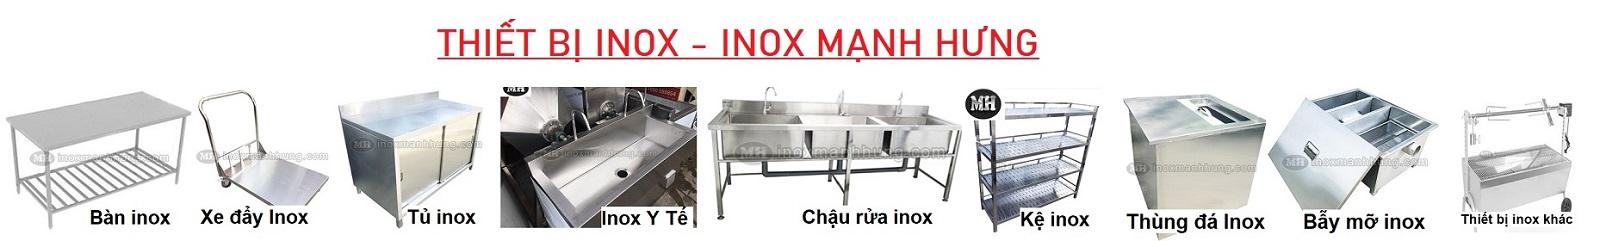 Gia công inox giá rẻ theo yêu cầu tại Quận Tân Bình HCM